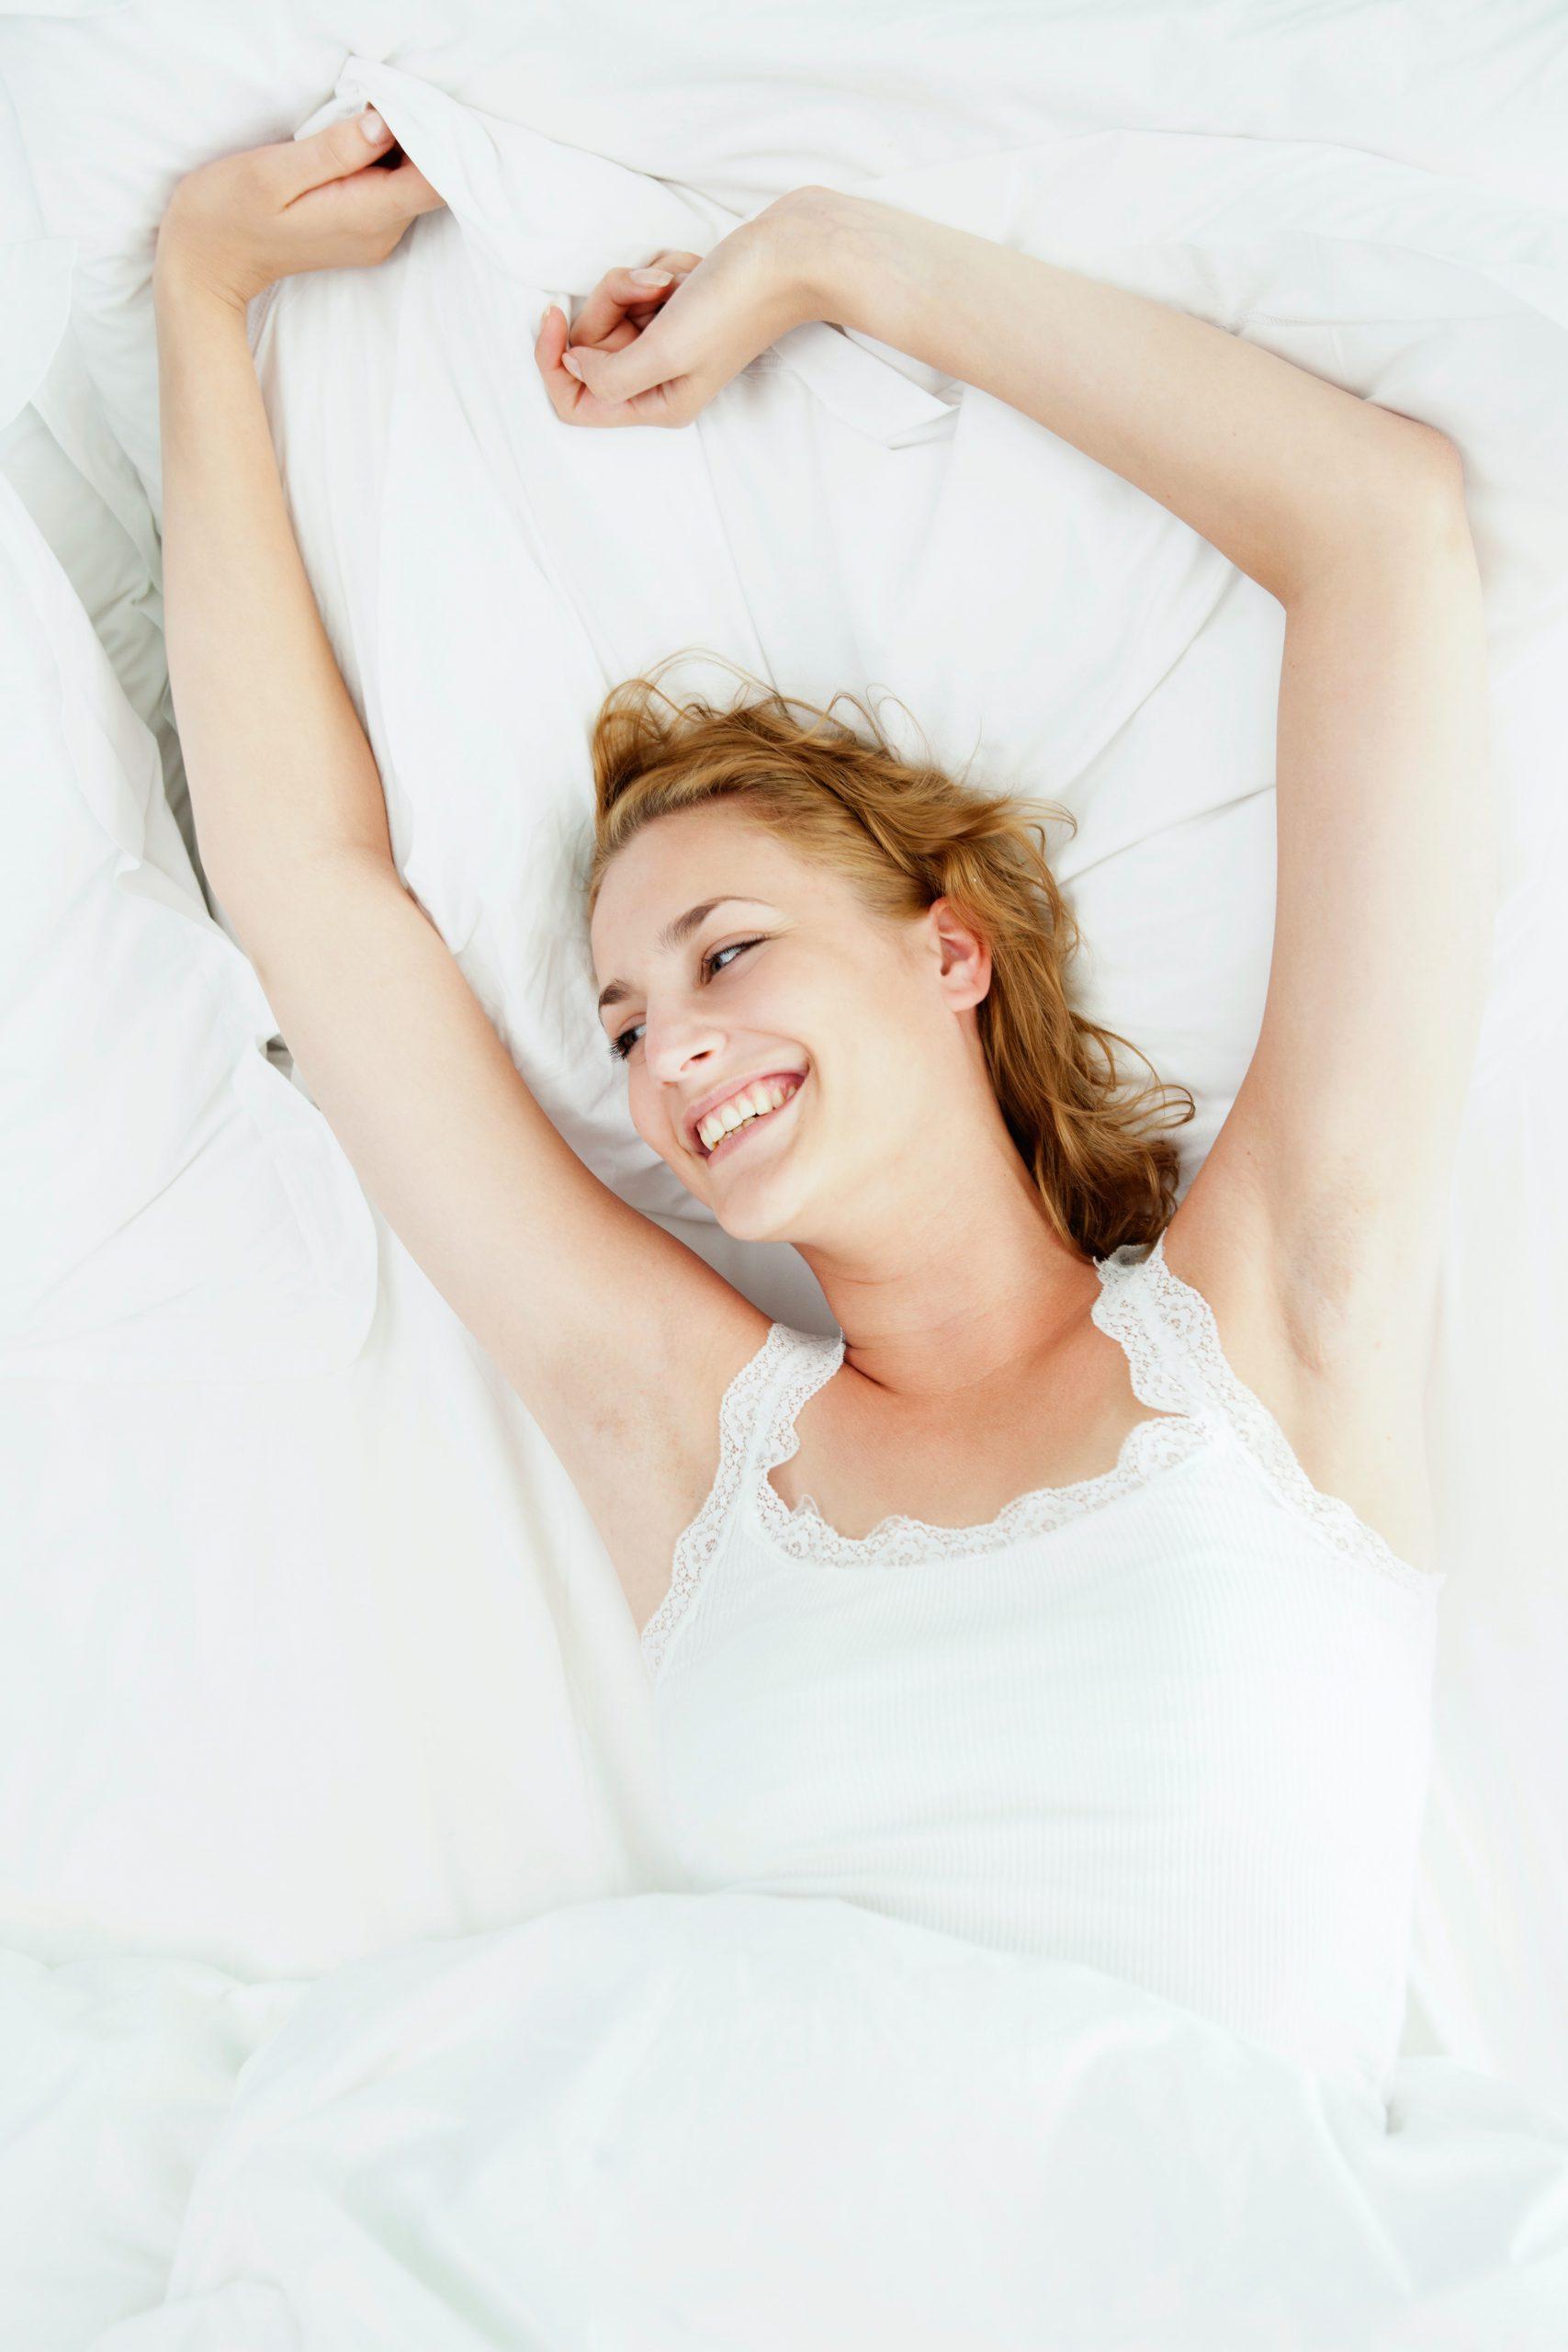 Седемте сутрешни практики, които помагат за добро утро и добър ден